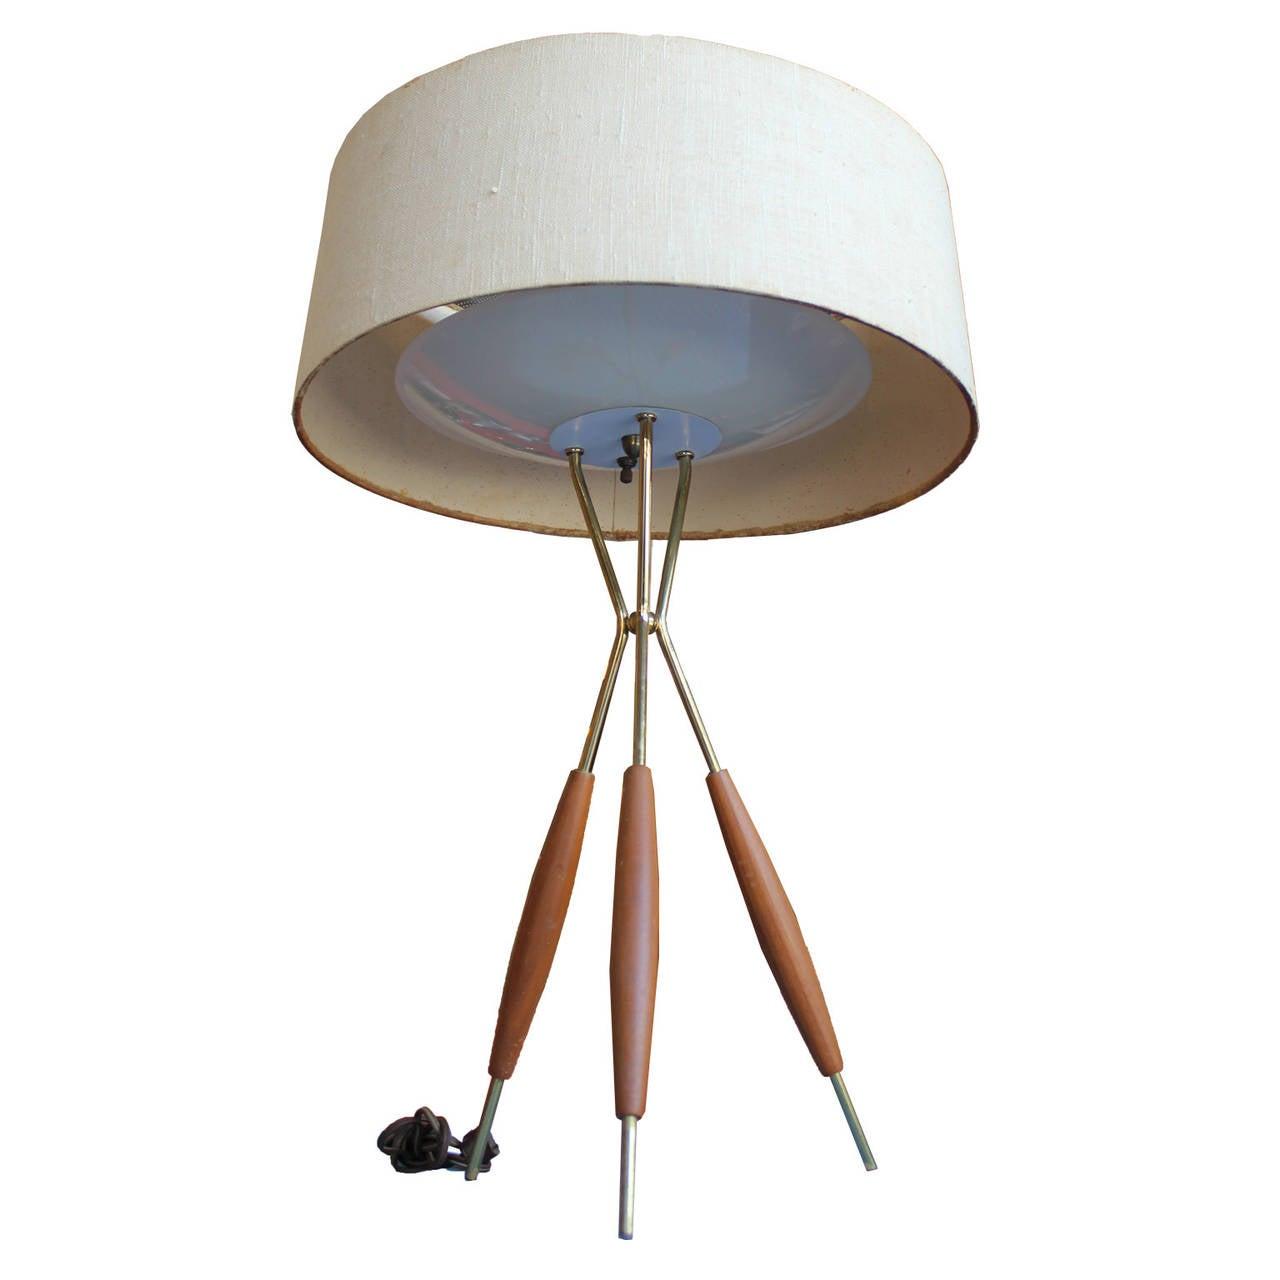 Mid century modern gerald thurston tripod table lamp at 1stdibs mid century modern gerald thurston tripod table lamp 3 geotapseo Image collections